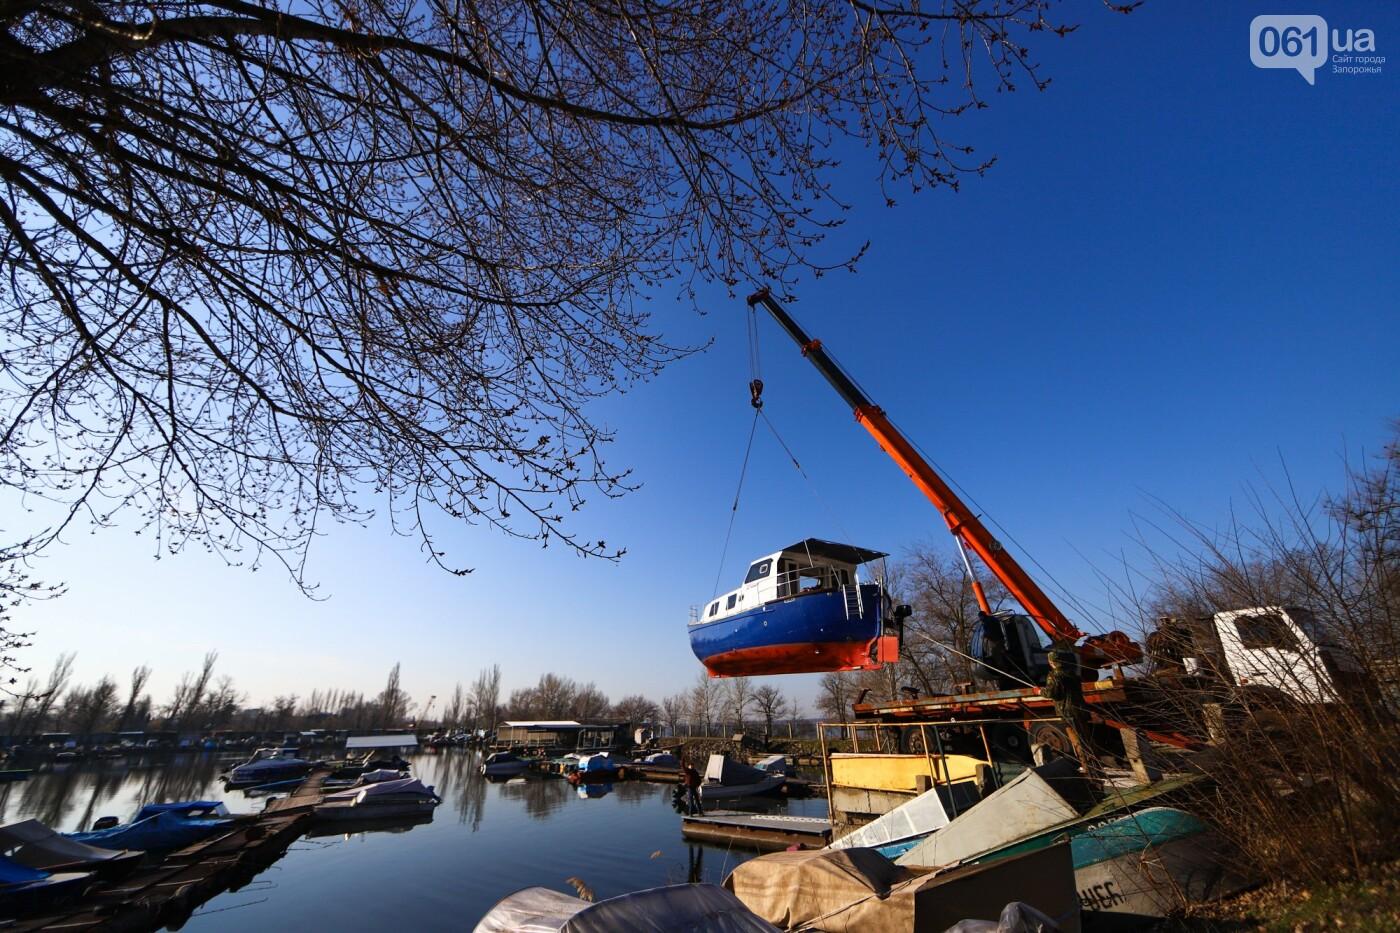 «Семь футов под килем!»: как в запорожском яхт-клубе спускали судна на воду, - ФОТОРЕПОРТАЖ , фото-3